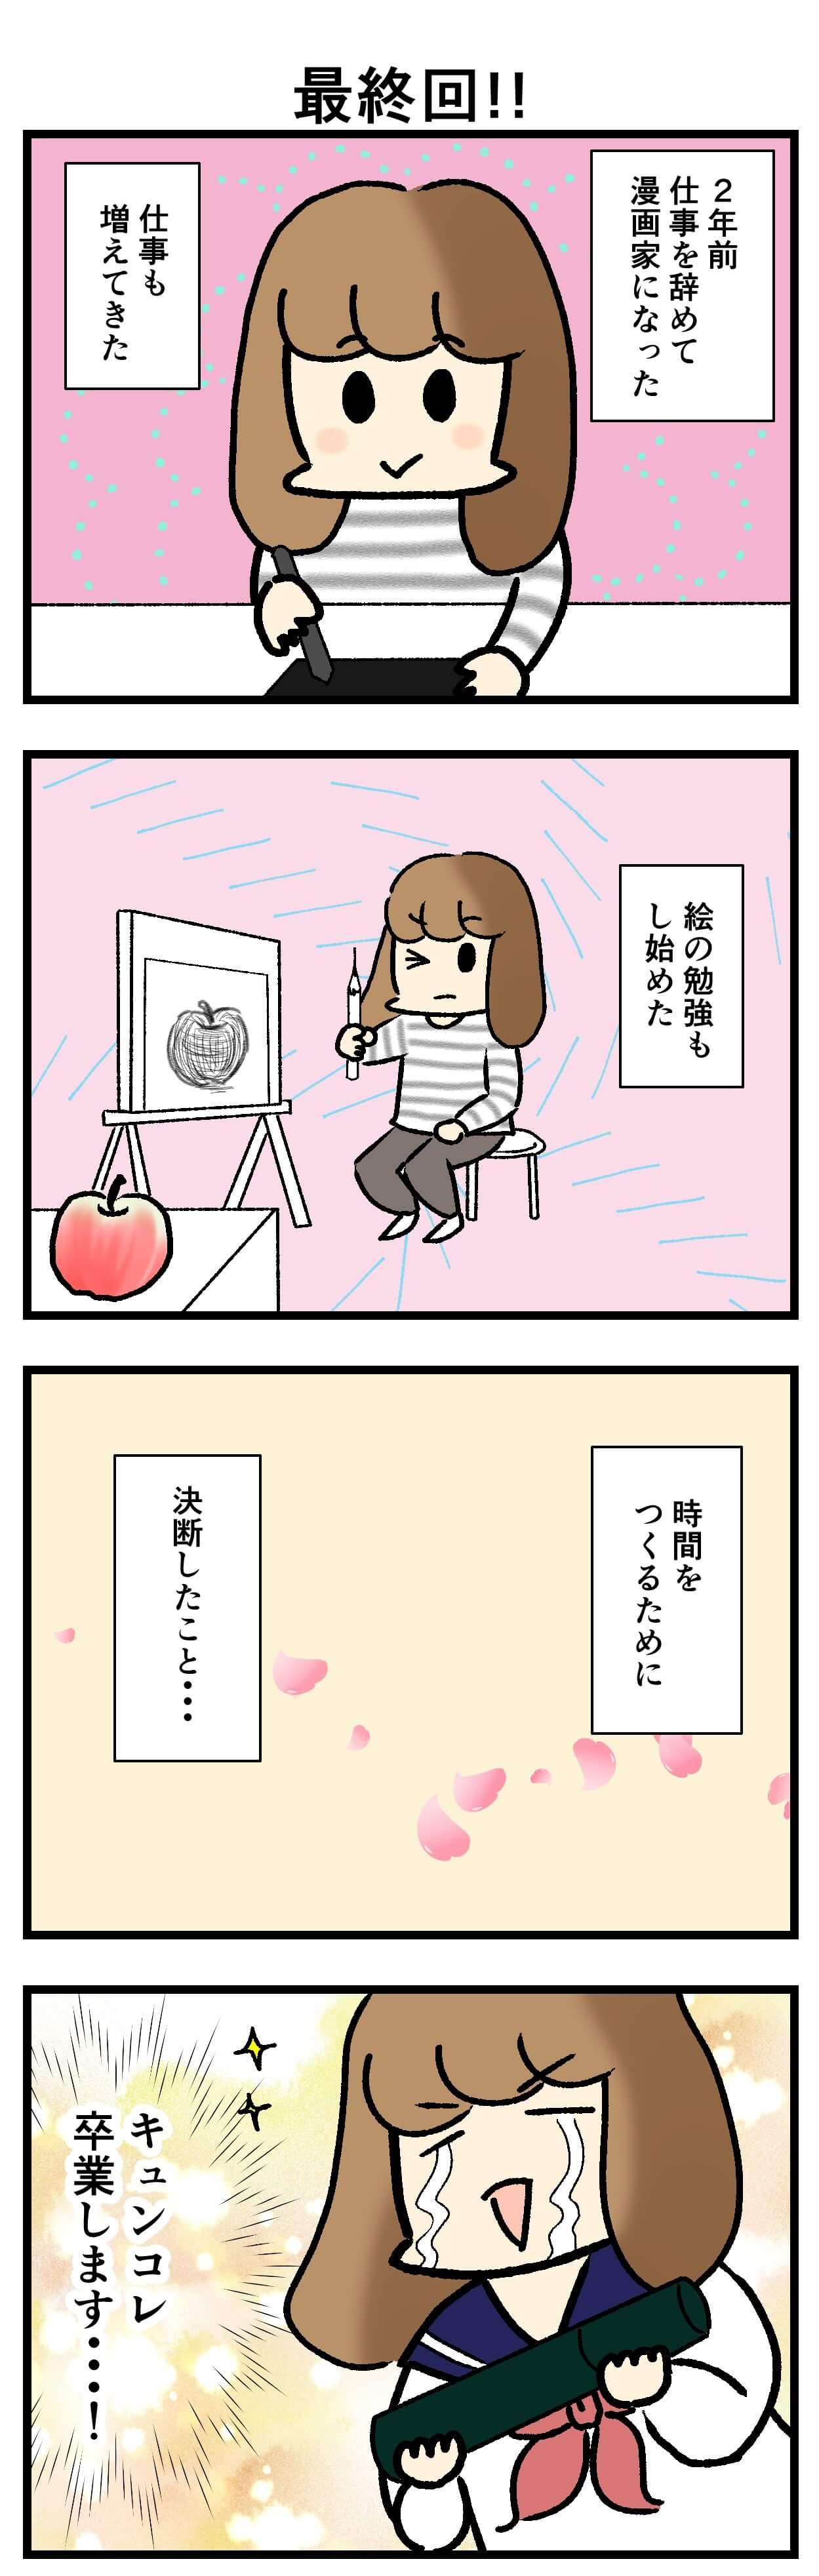 【エッセイ漫画】アラサー主婦くま子のふがいない日常(132)